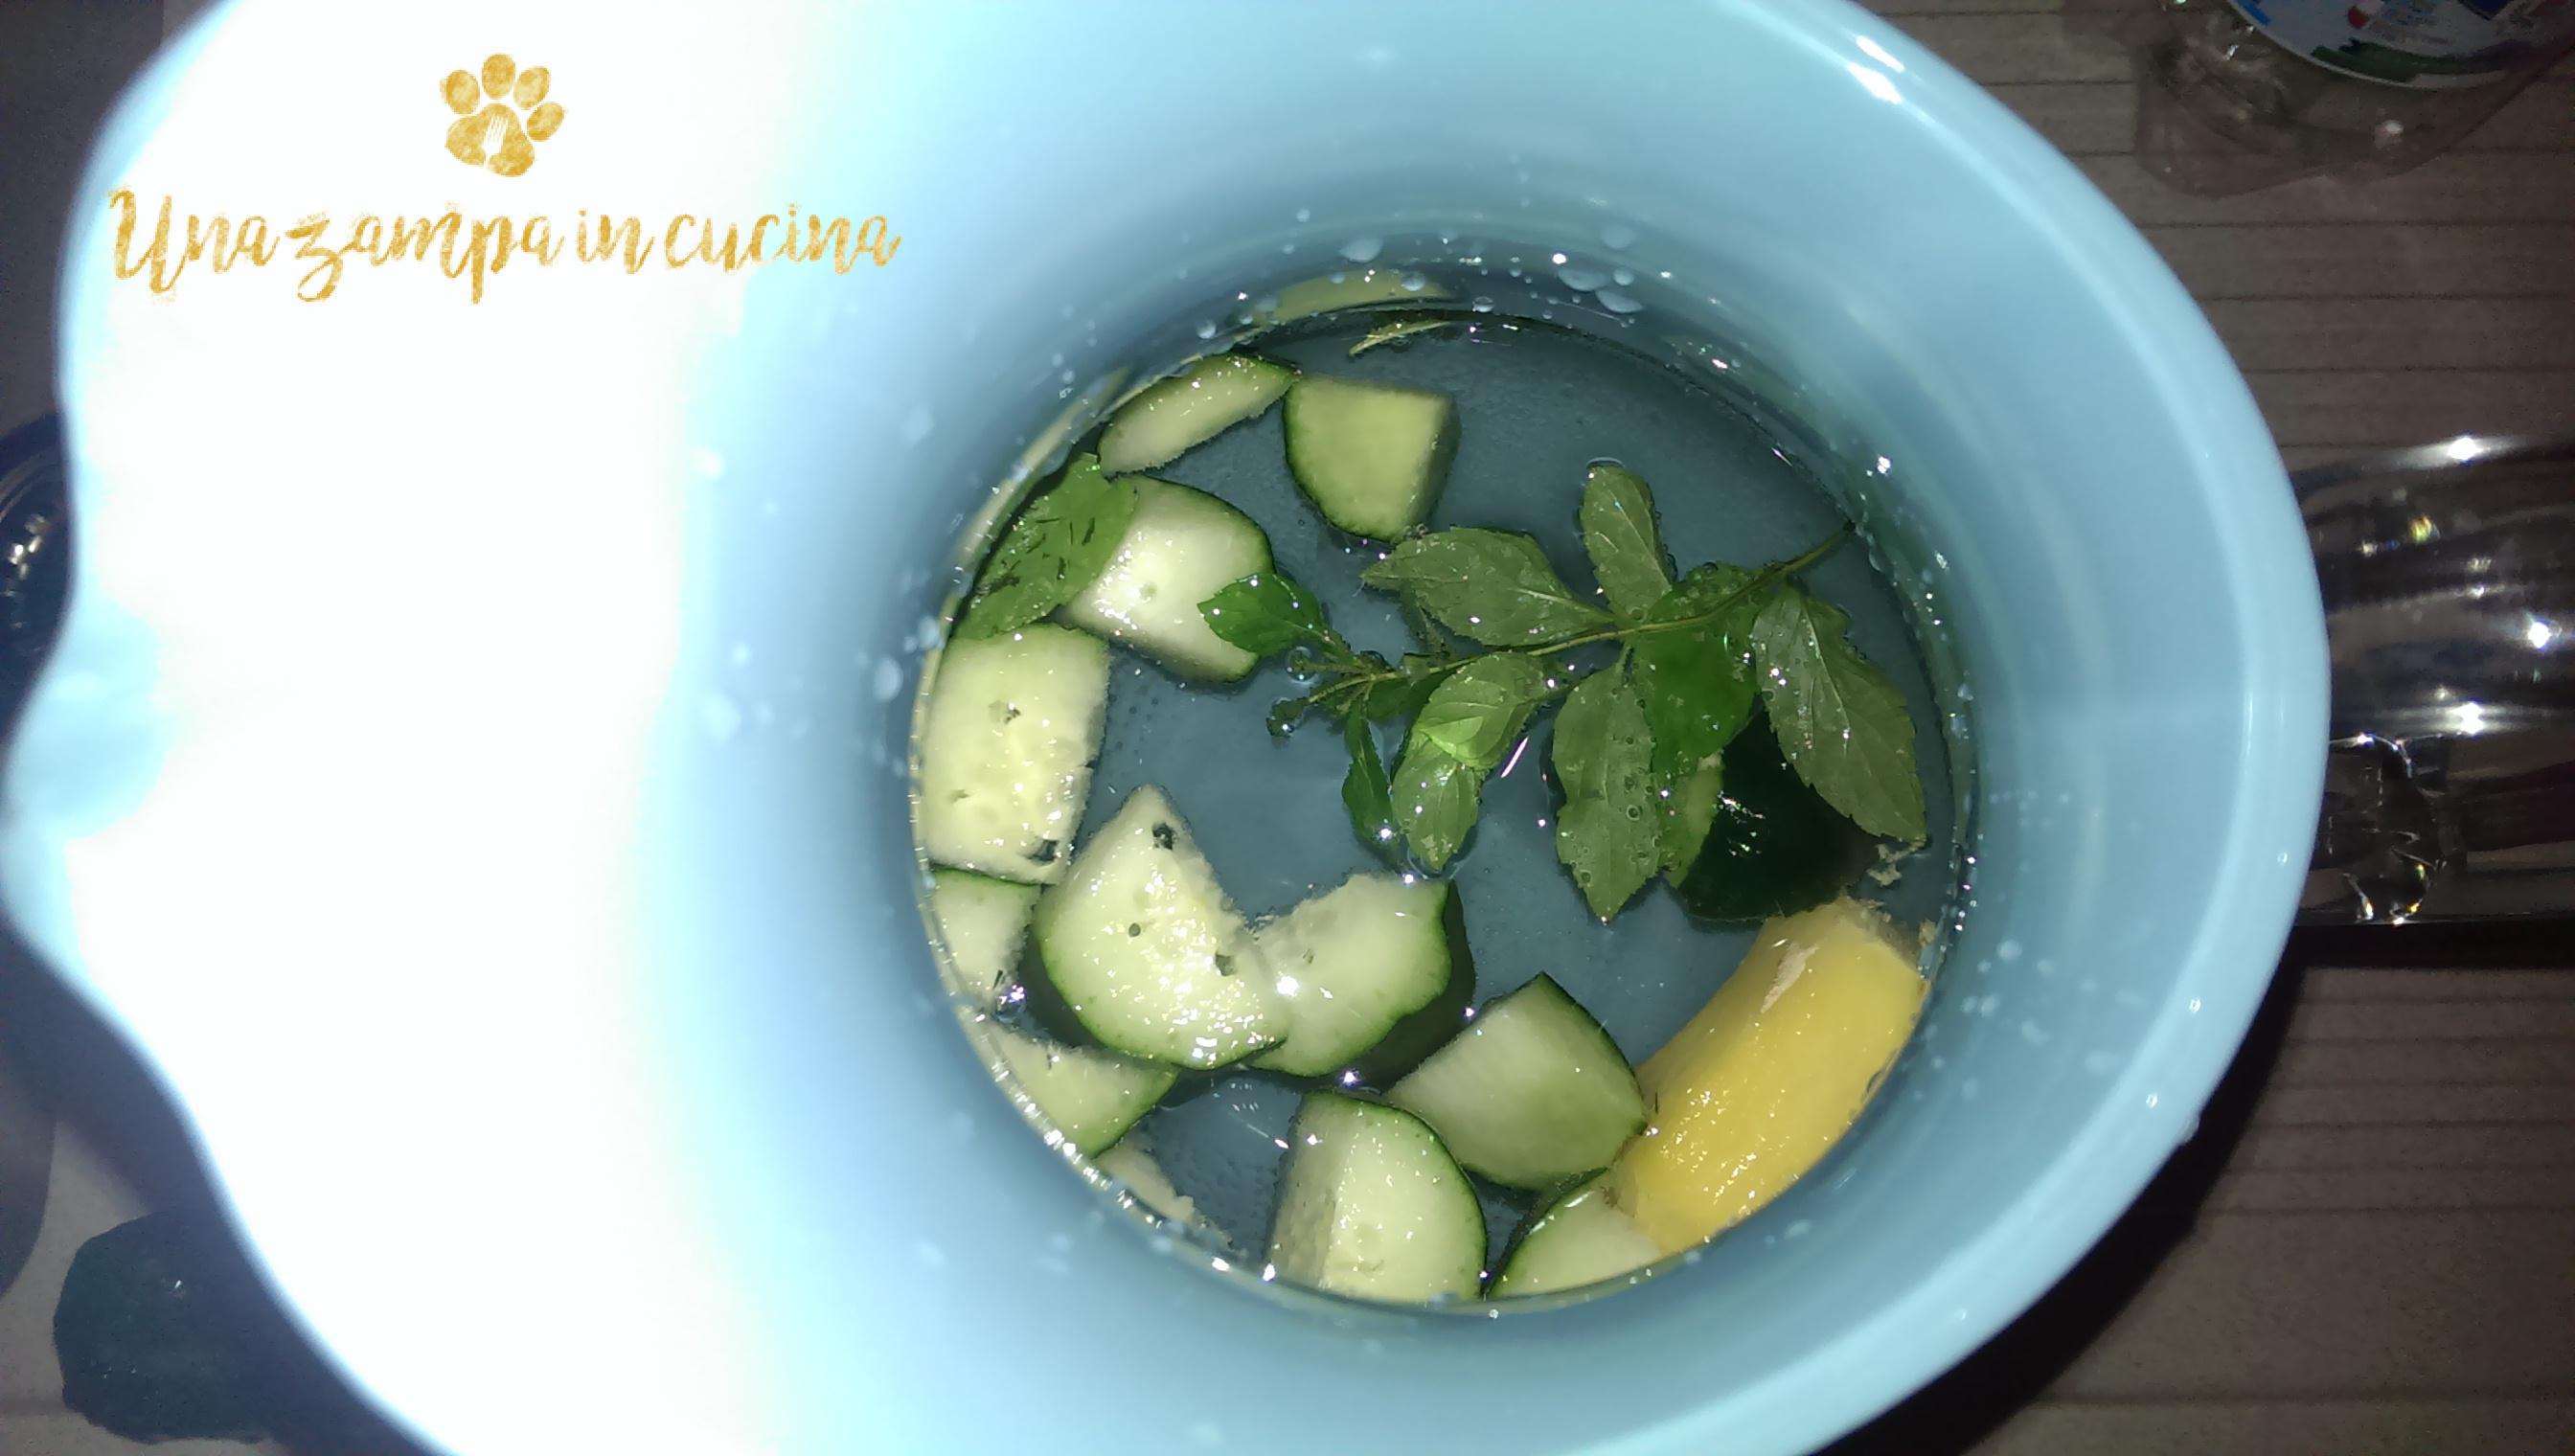 Acqua detox cetriolo, zenzero e menta: ecco come preparare l'acqua detox con cetriolo, zenzero e menta, insieme alle proprietà dell'acqua aromatizzata.